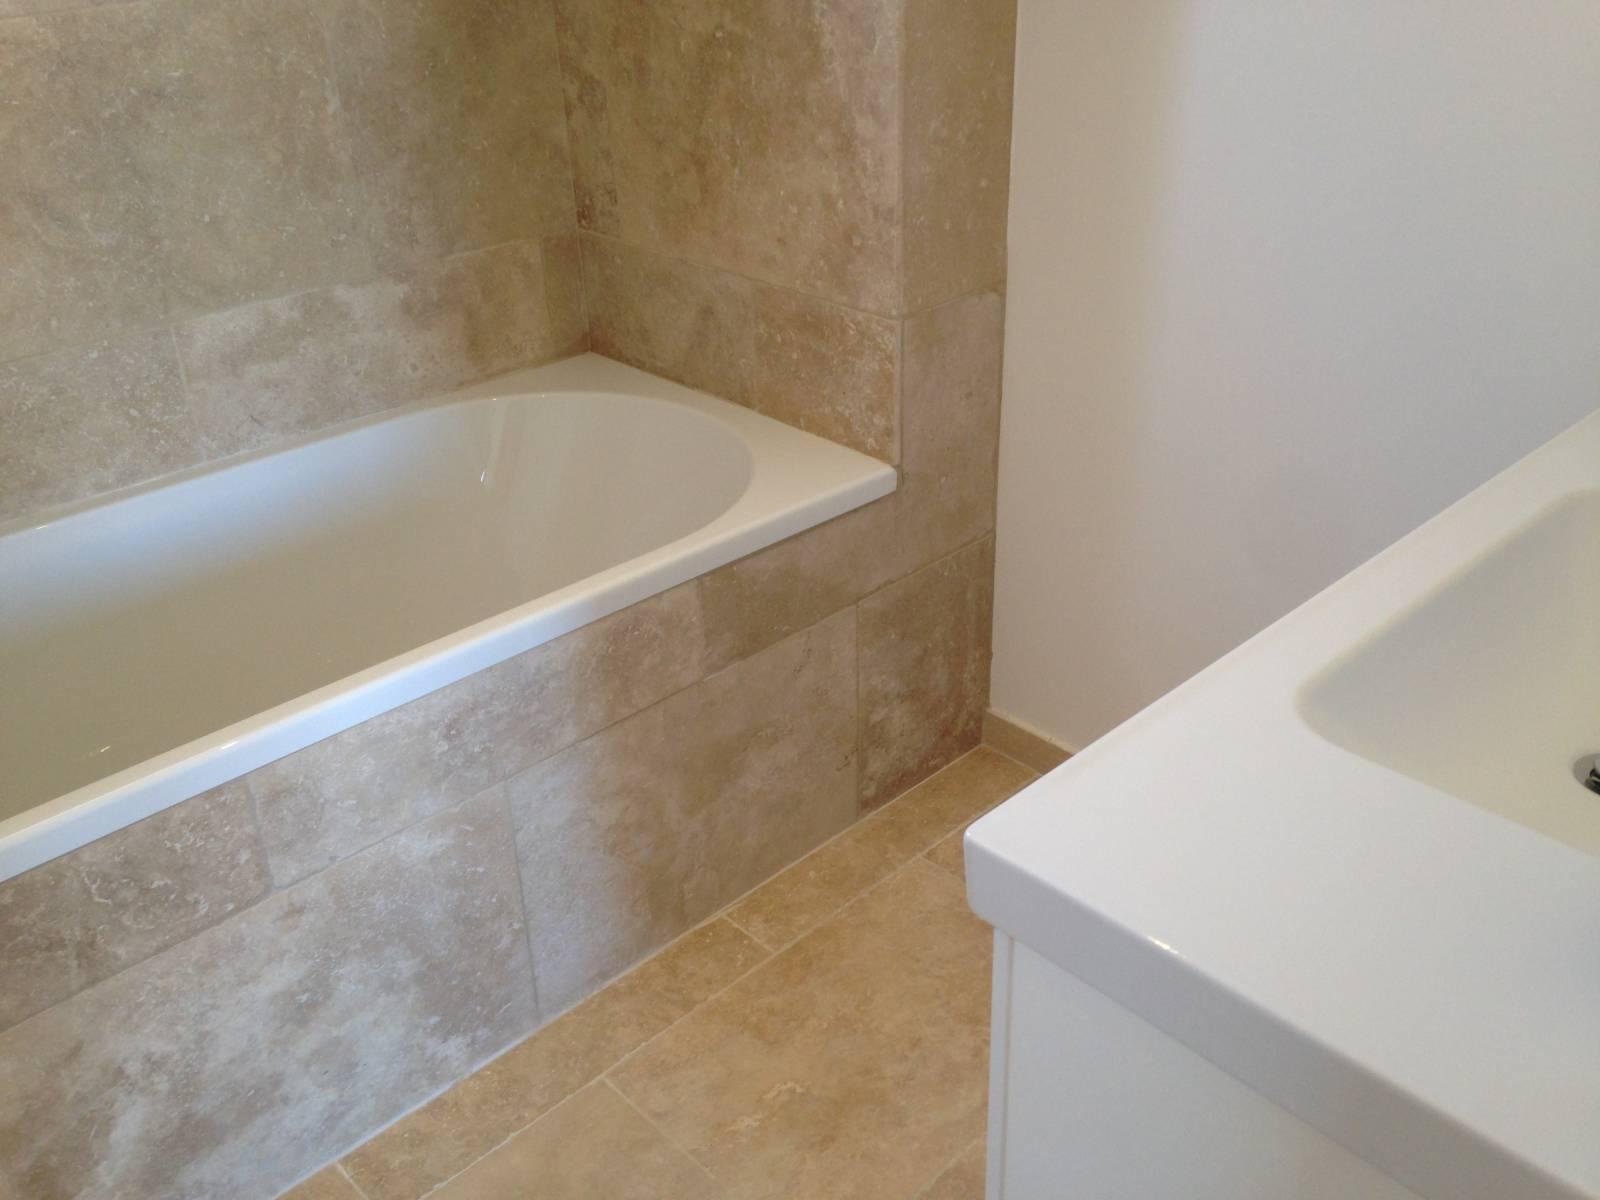 Salle De Bain Ceramique ~ salle de bain en travertin vieilli 1er choix mix beige six fours